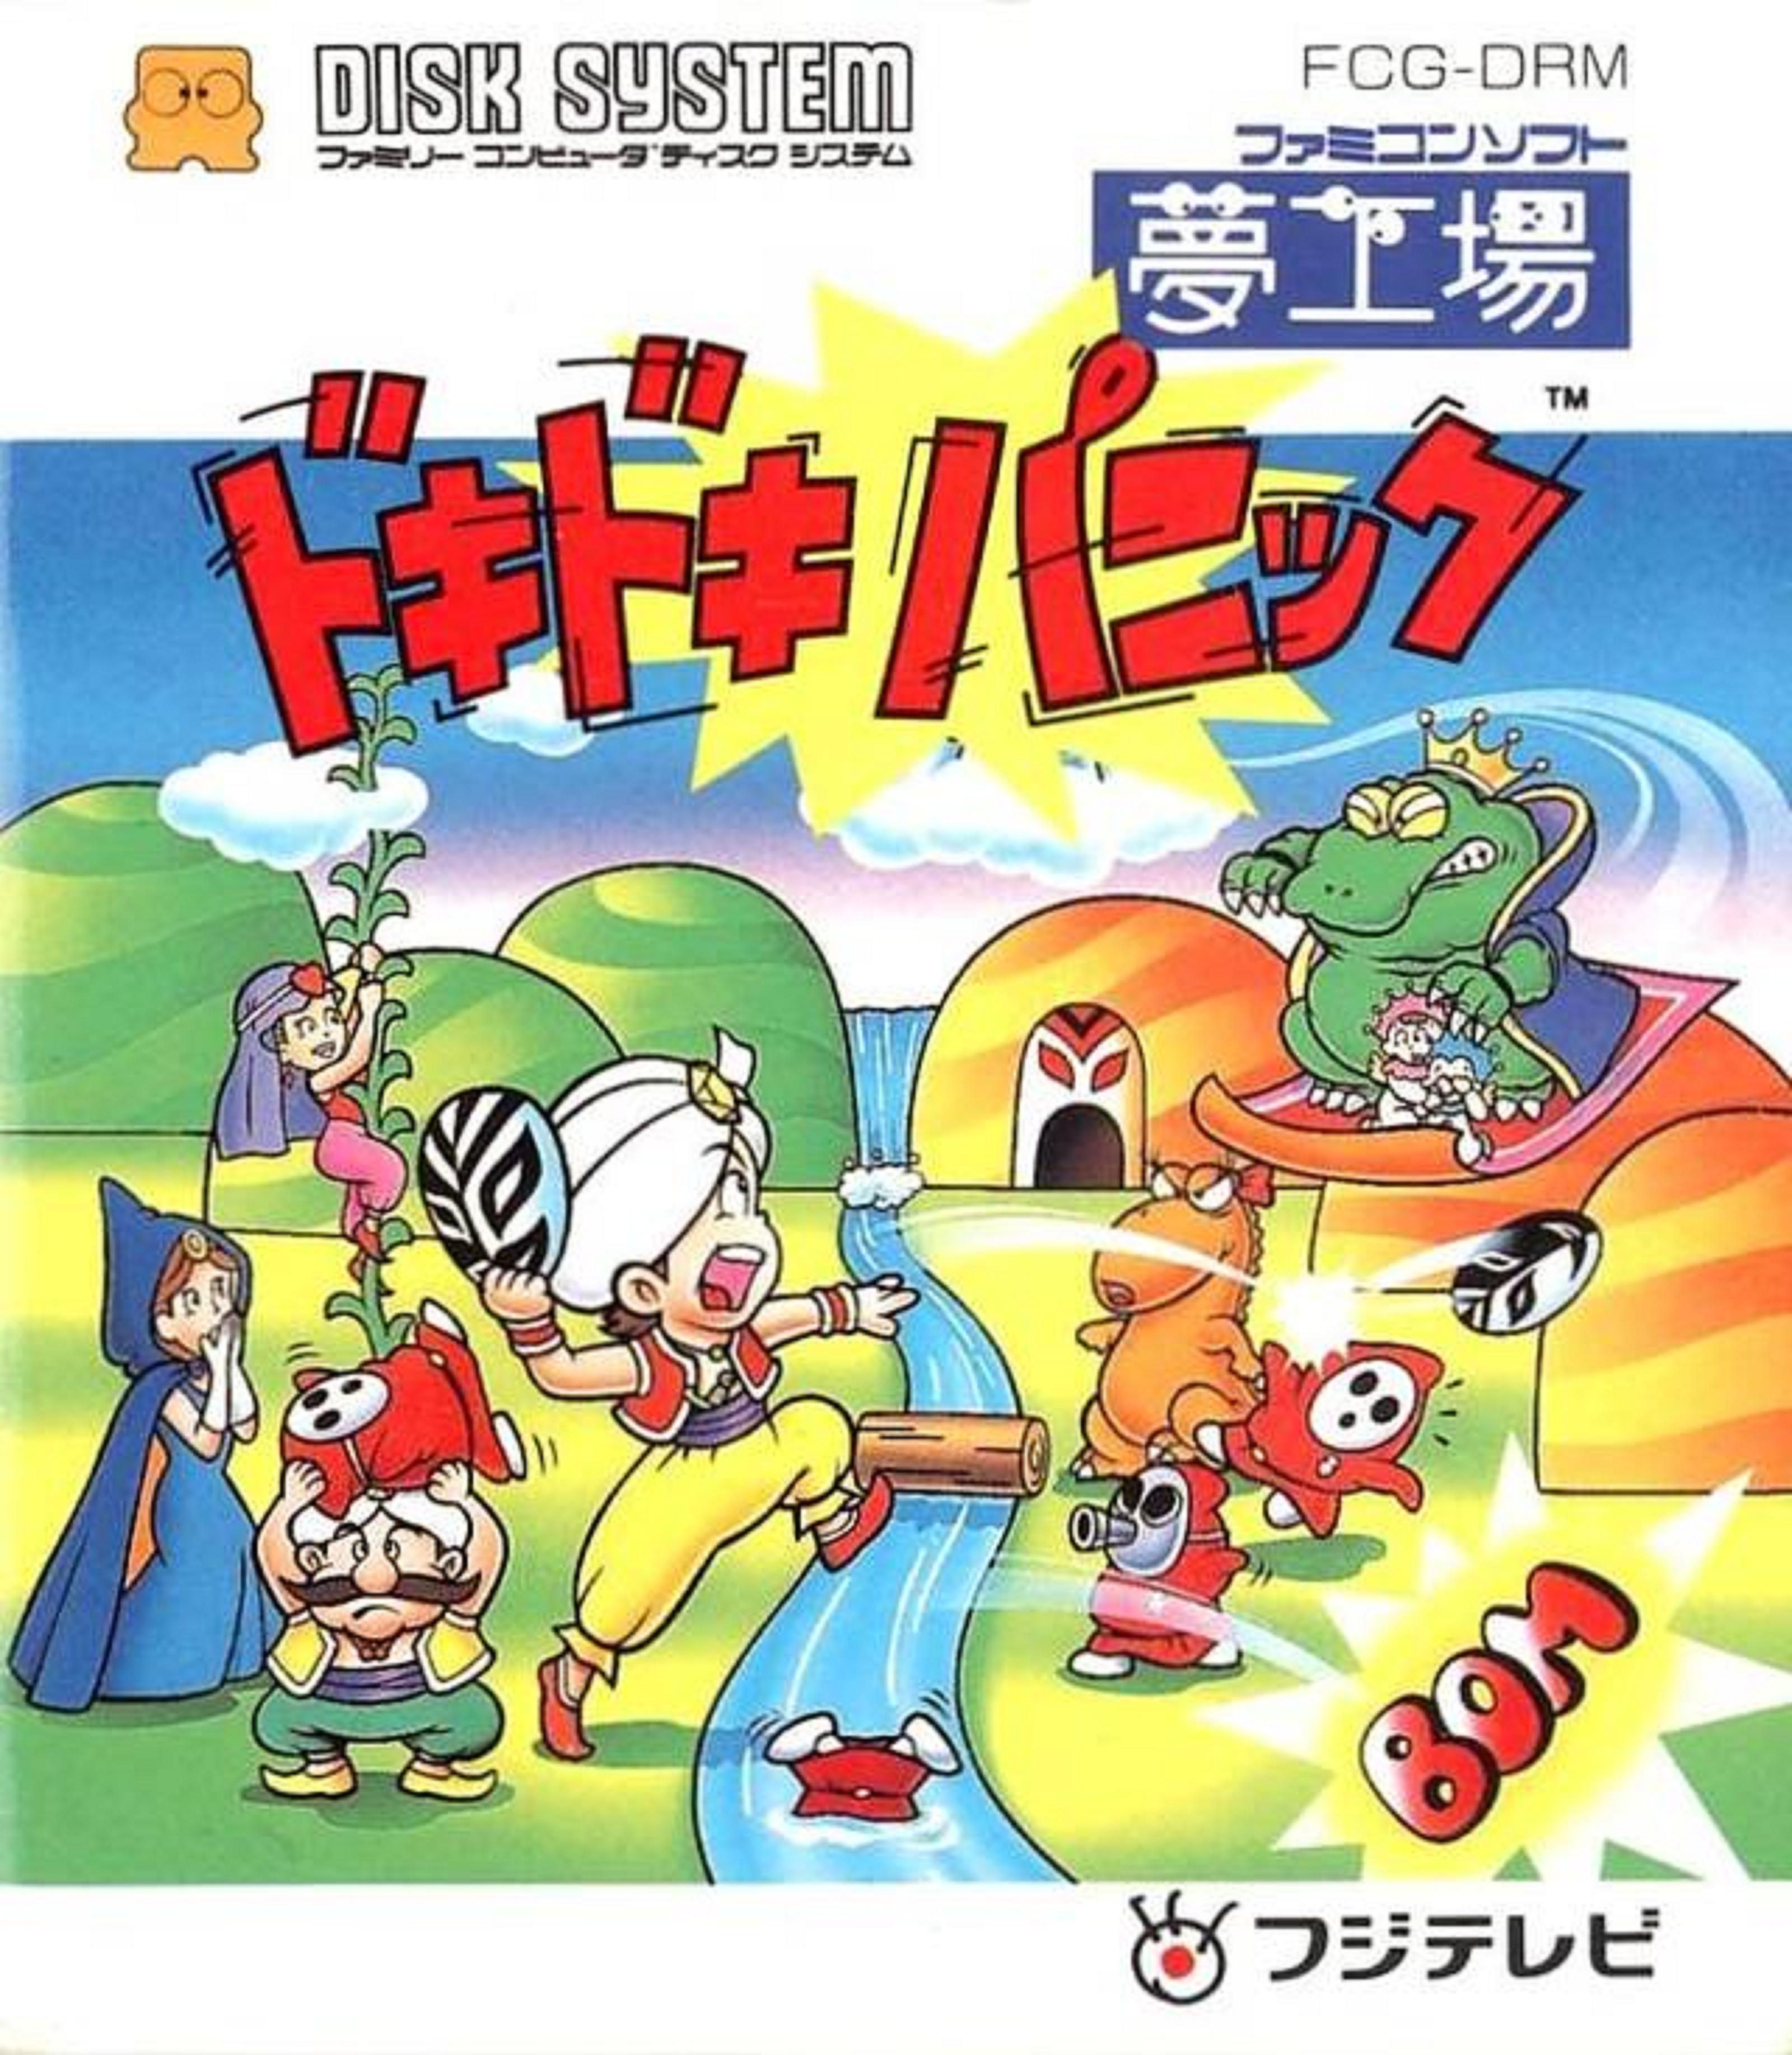 Yume Koujou: Doki Doki Panic (1987)